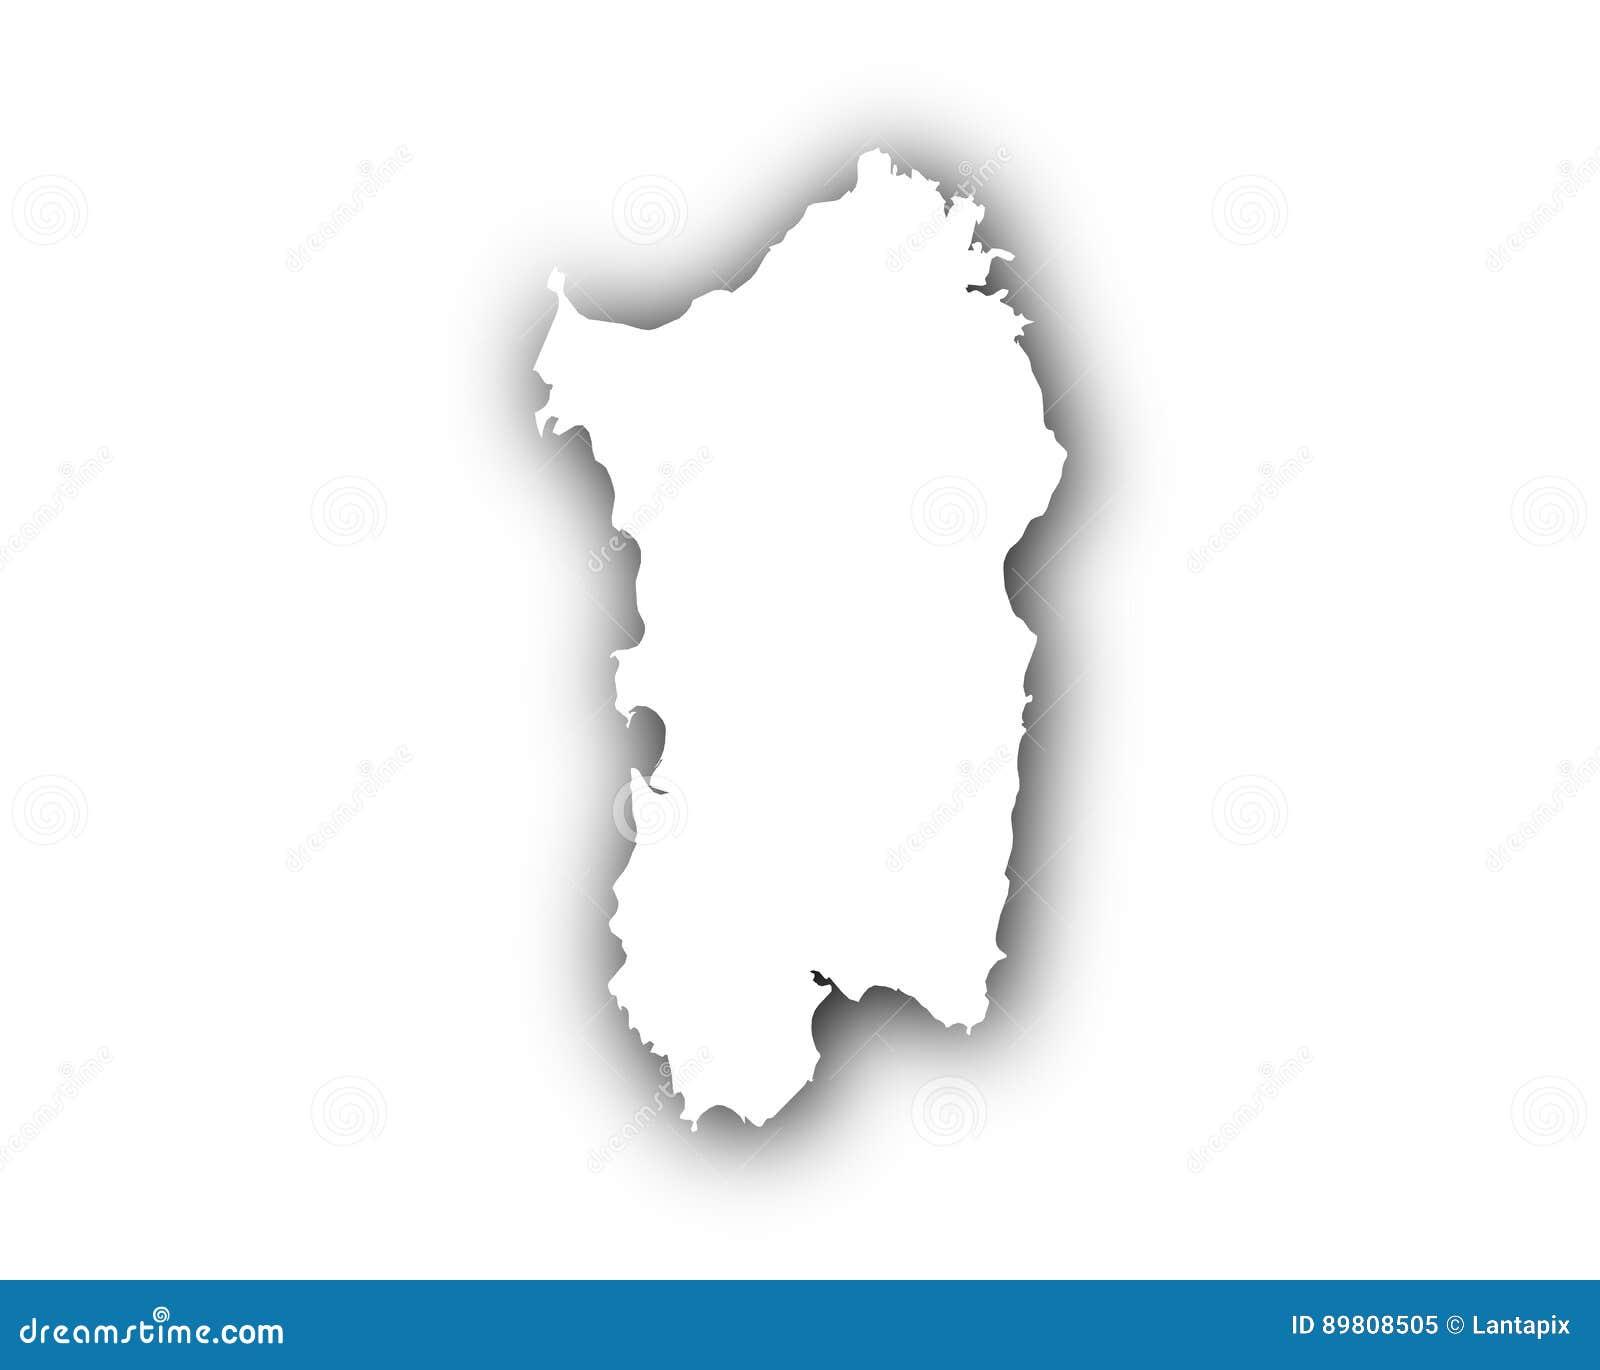 Cartina Sardegna Vettoriale.Mappa Della Sardegna Con Ombra Illustrazione Vettoriale Illustrazione Di Background Simbolo 89808505